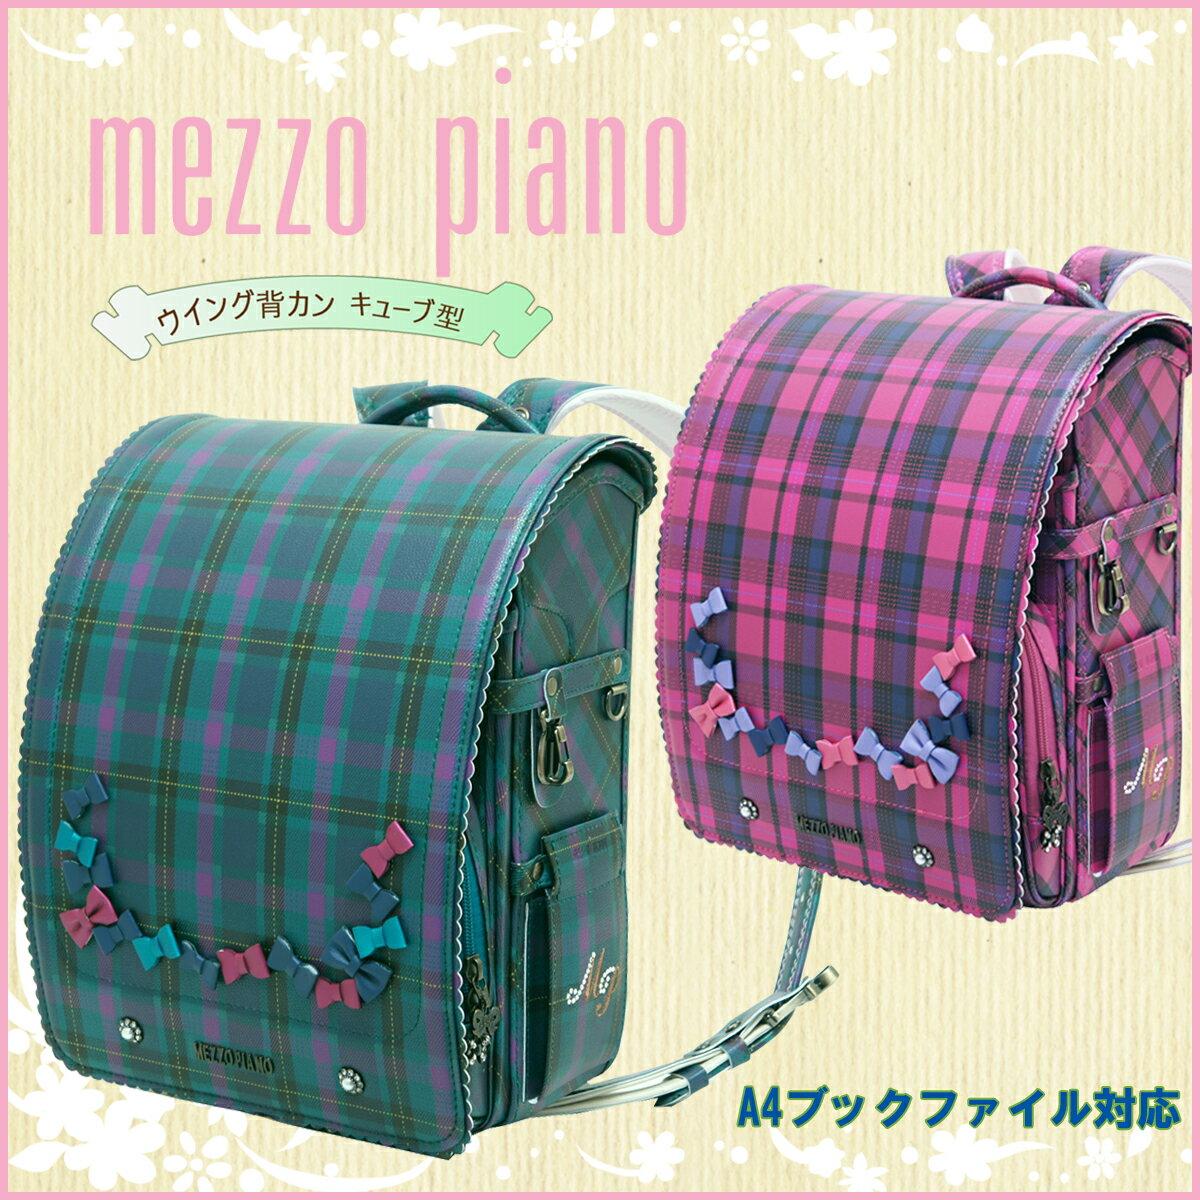 2019年度 ランドセル 女の子 ガールズ mezzo piano メゾピアノ newヴィヴァーチェ キューブ型 ウイング背カン 百貨店モデル 人工皮革 0103-9212 MADE IN JAPAN(日本製) ピンク